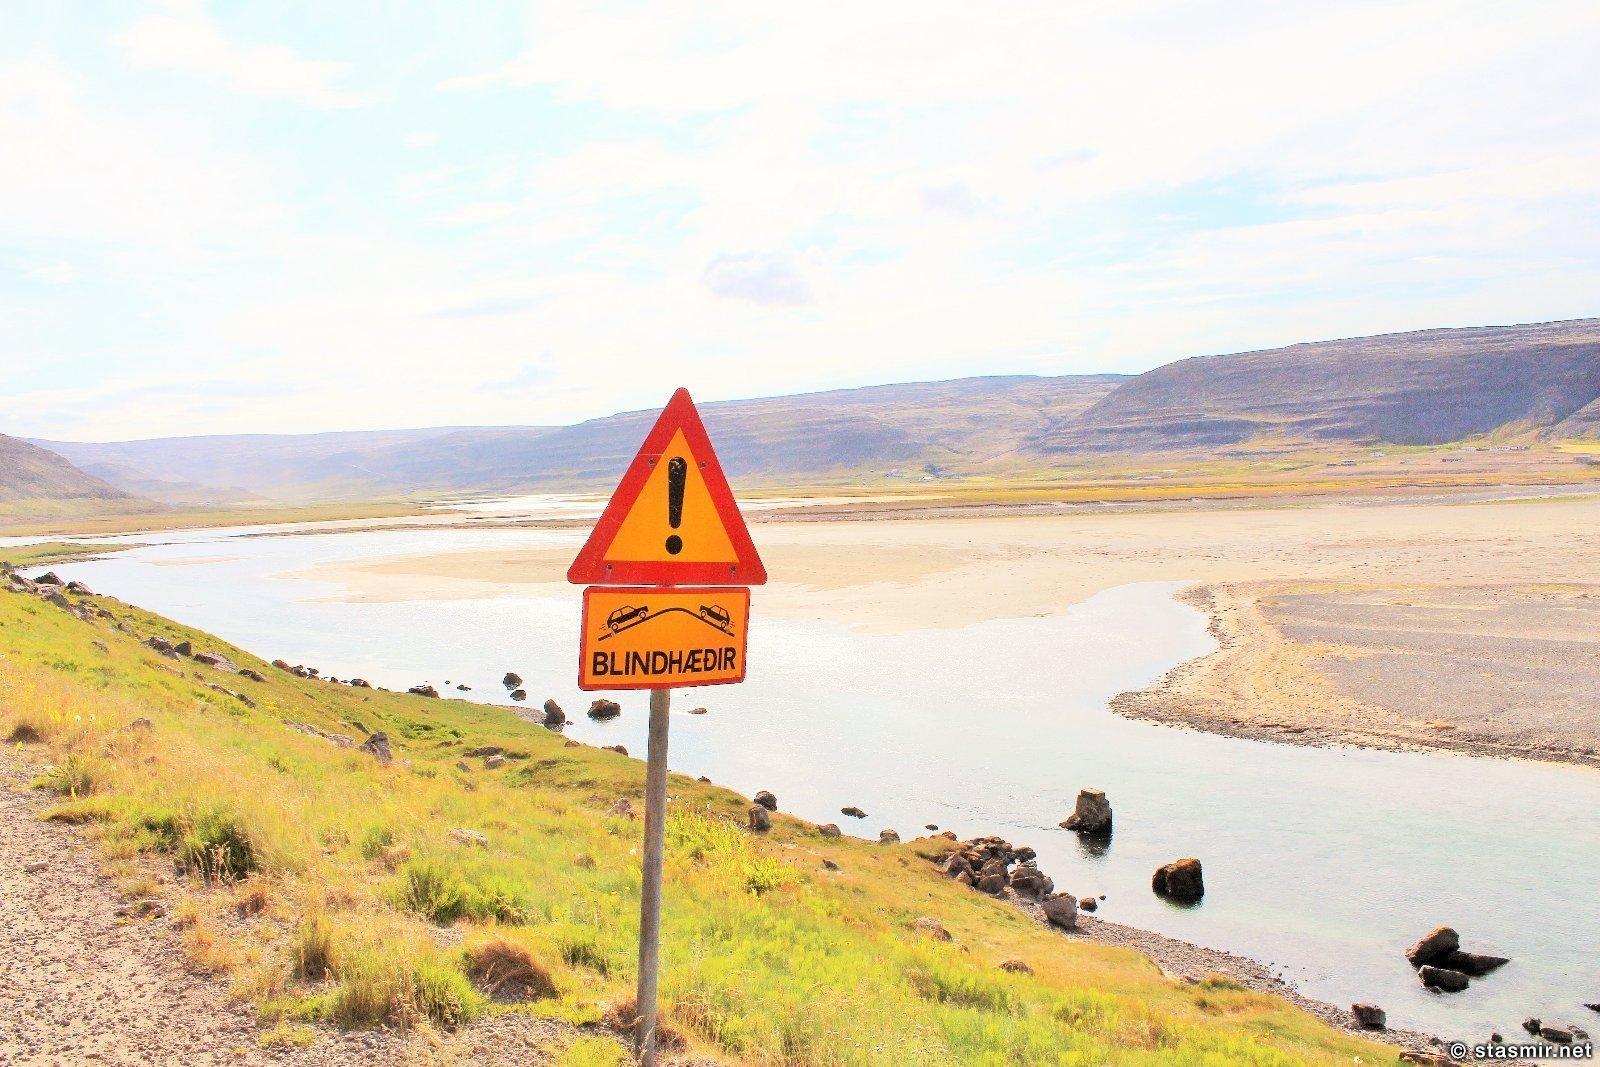 дорожные знаки Исландии, blindhæður, слепые горки в Исландии, Photo Stasmir, фото Стасмир